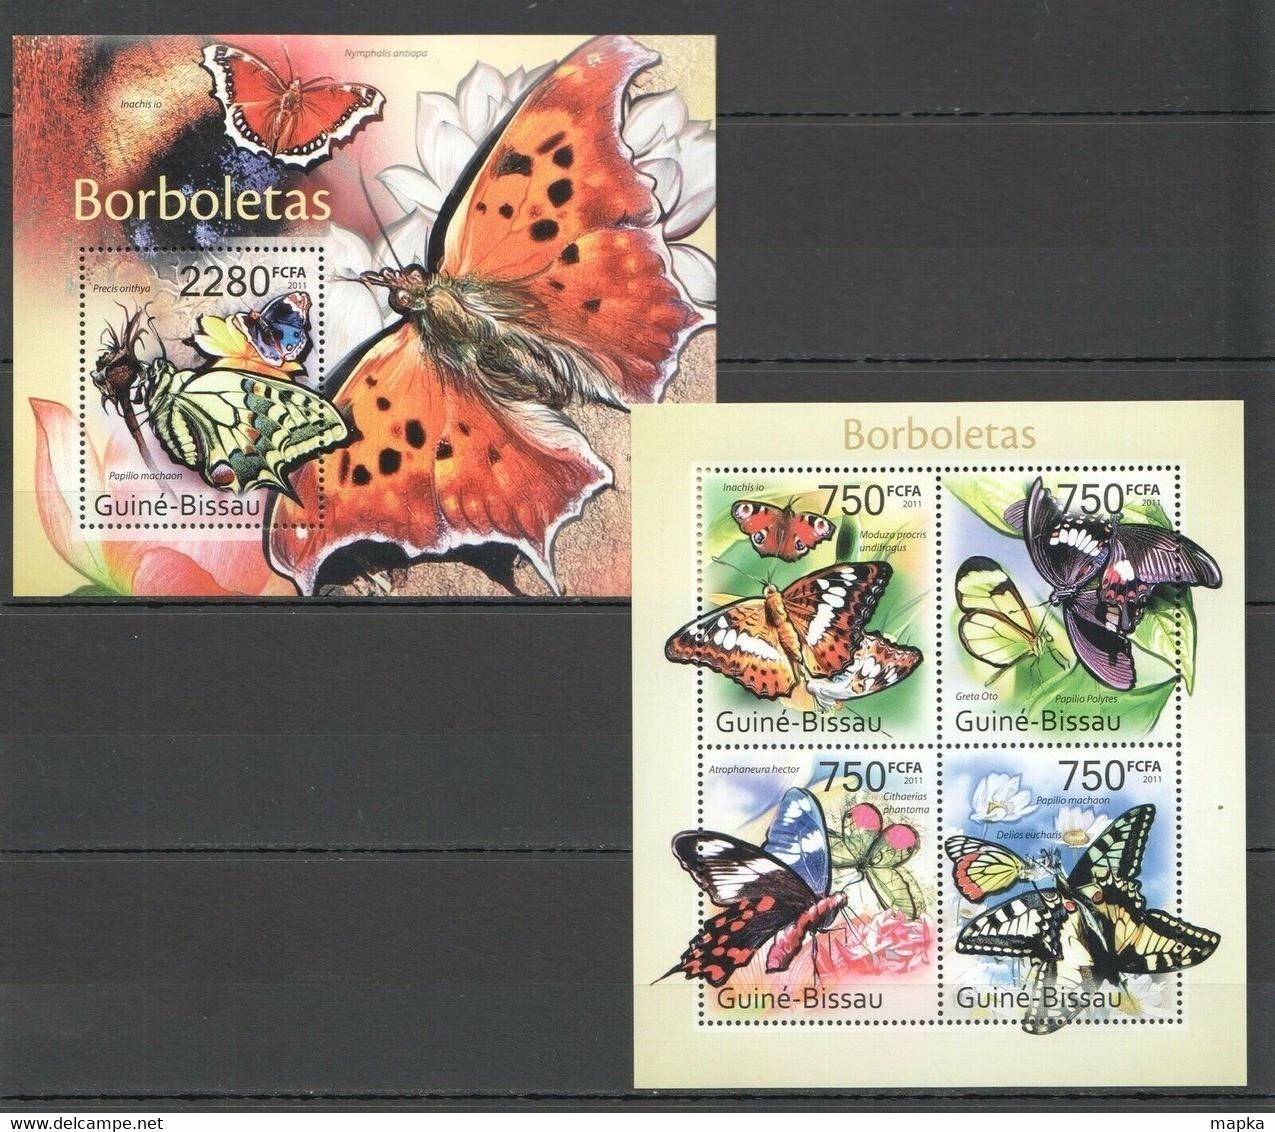 BC637 2011 GUINE GUINEA-BISSAU FLORA & FAUNA BUTTERFLIES BL+KB MNH - Butterflies